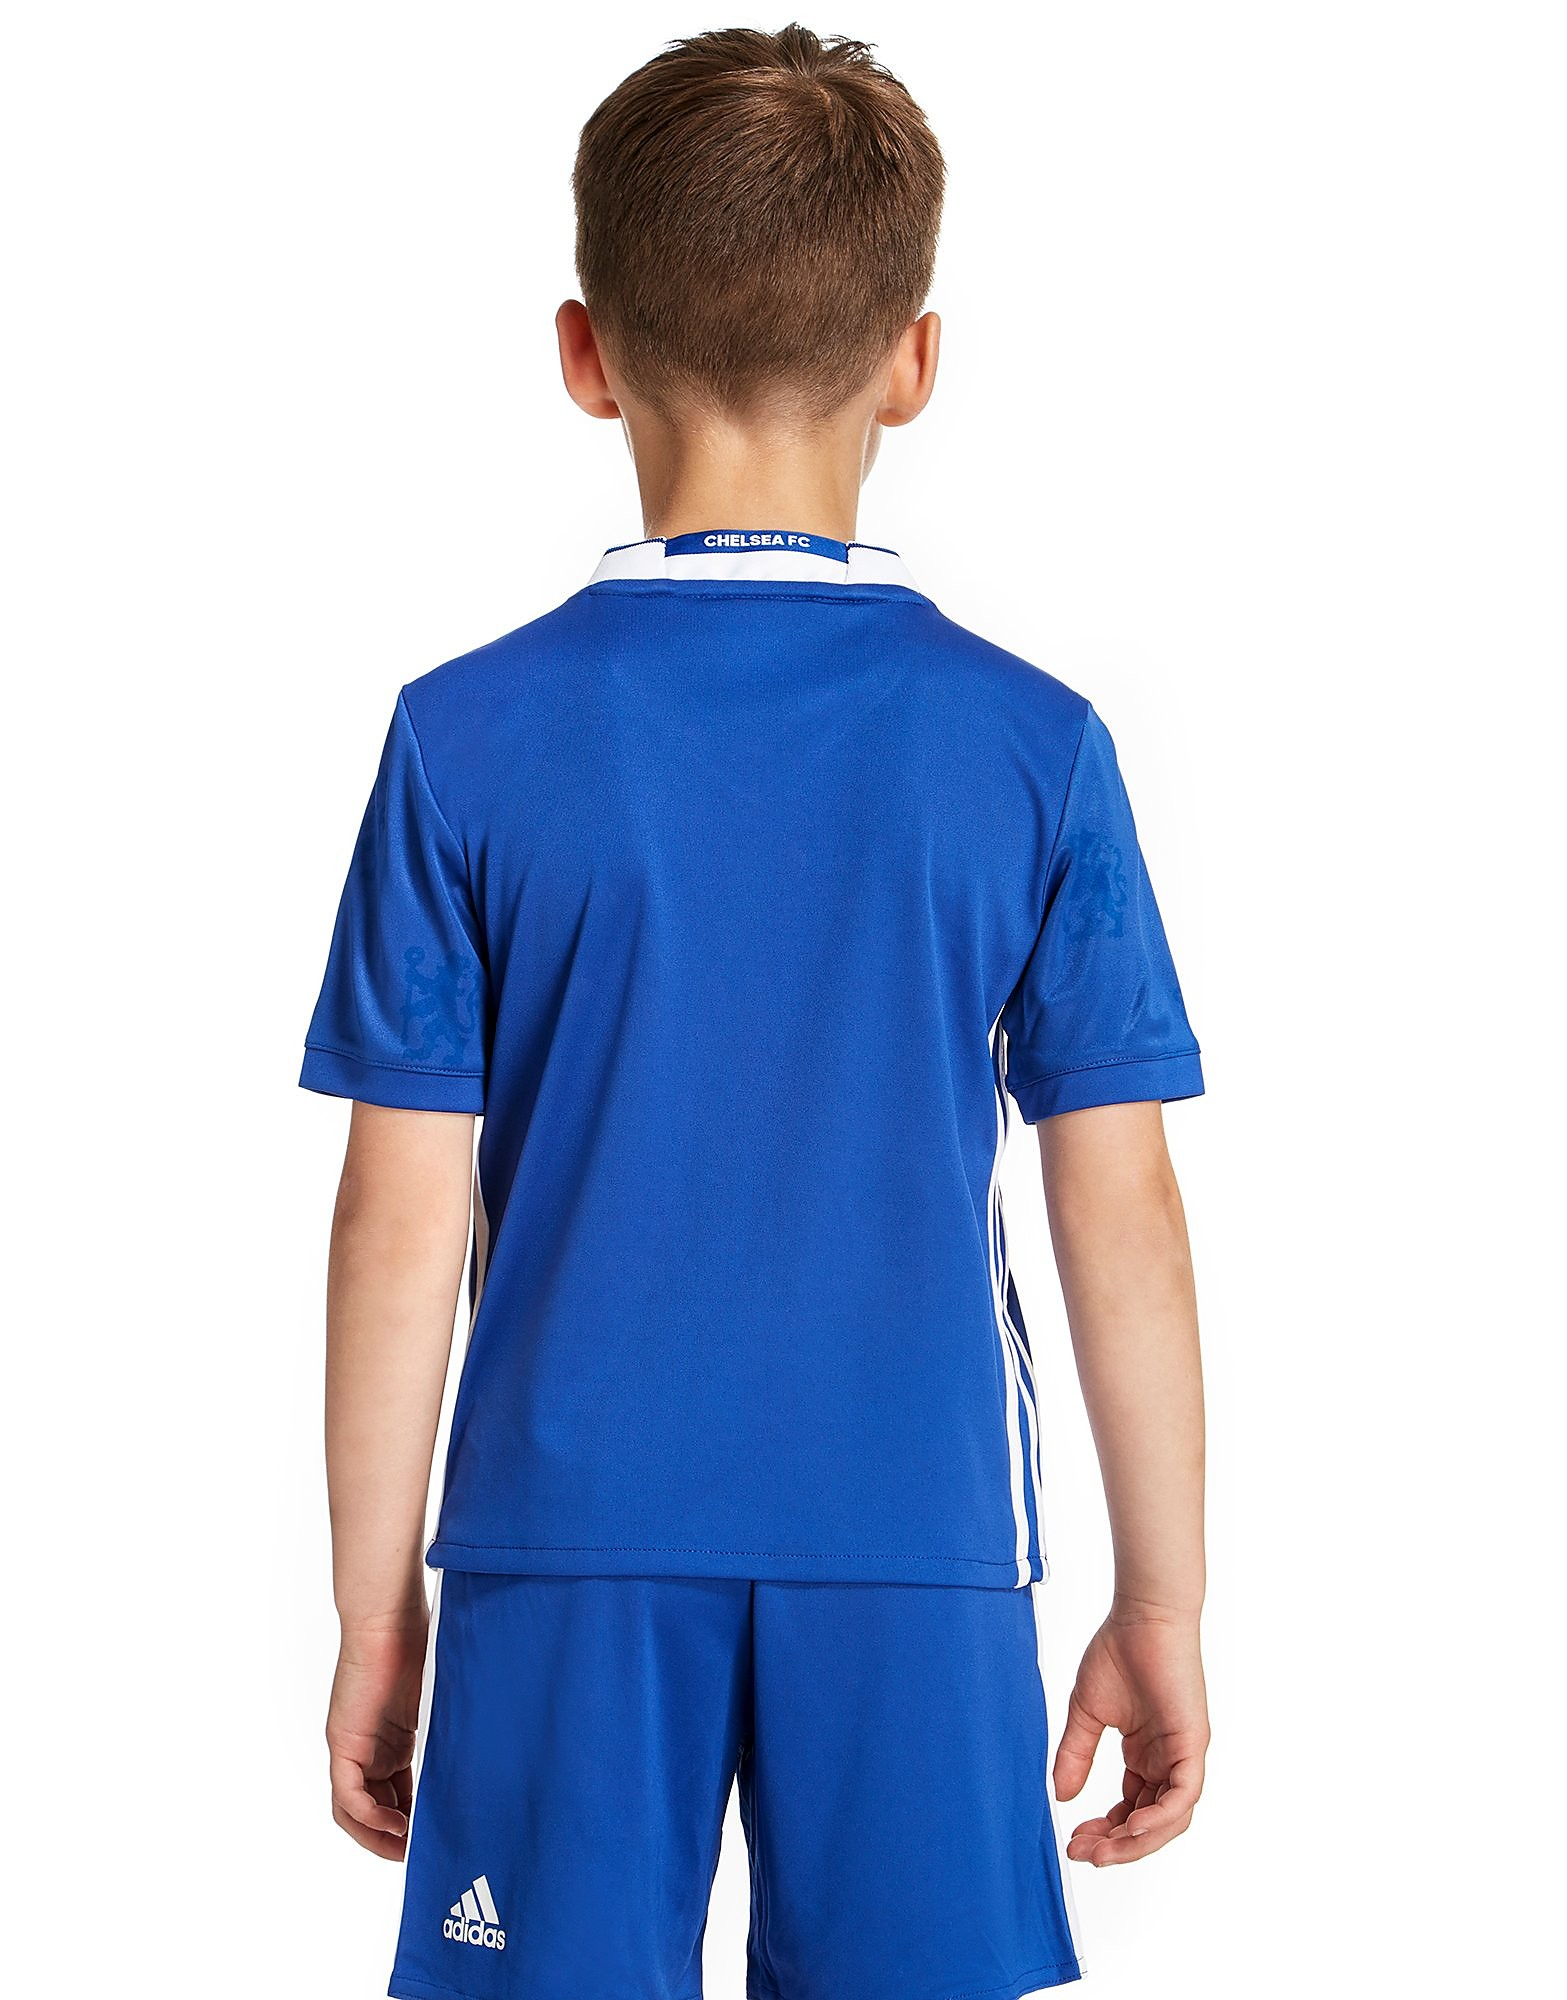 adidas Chelsea FC 2016/17 Startkit Kinder